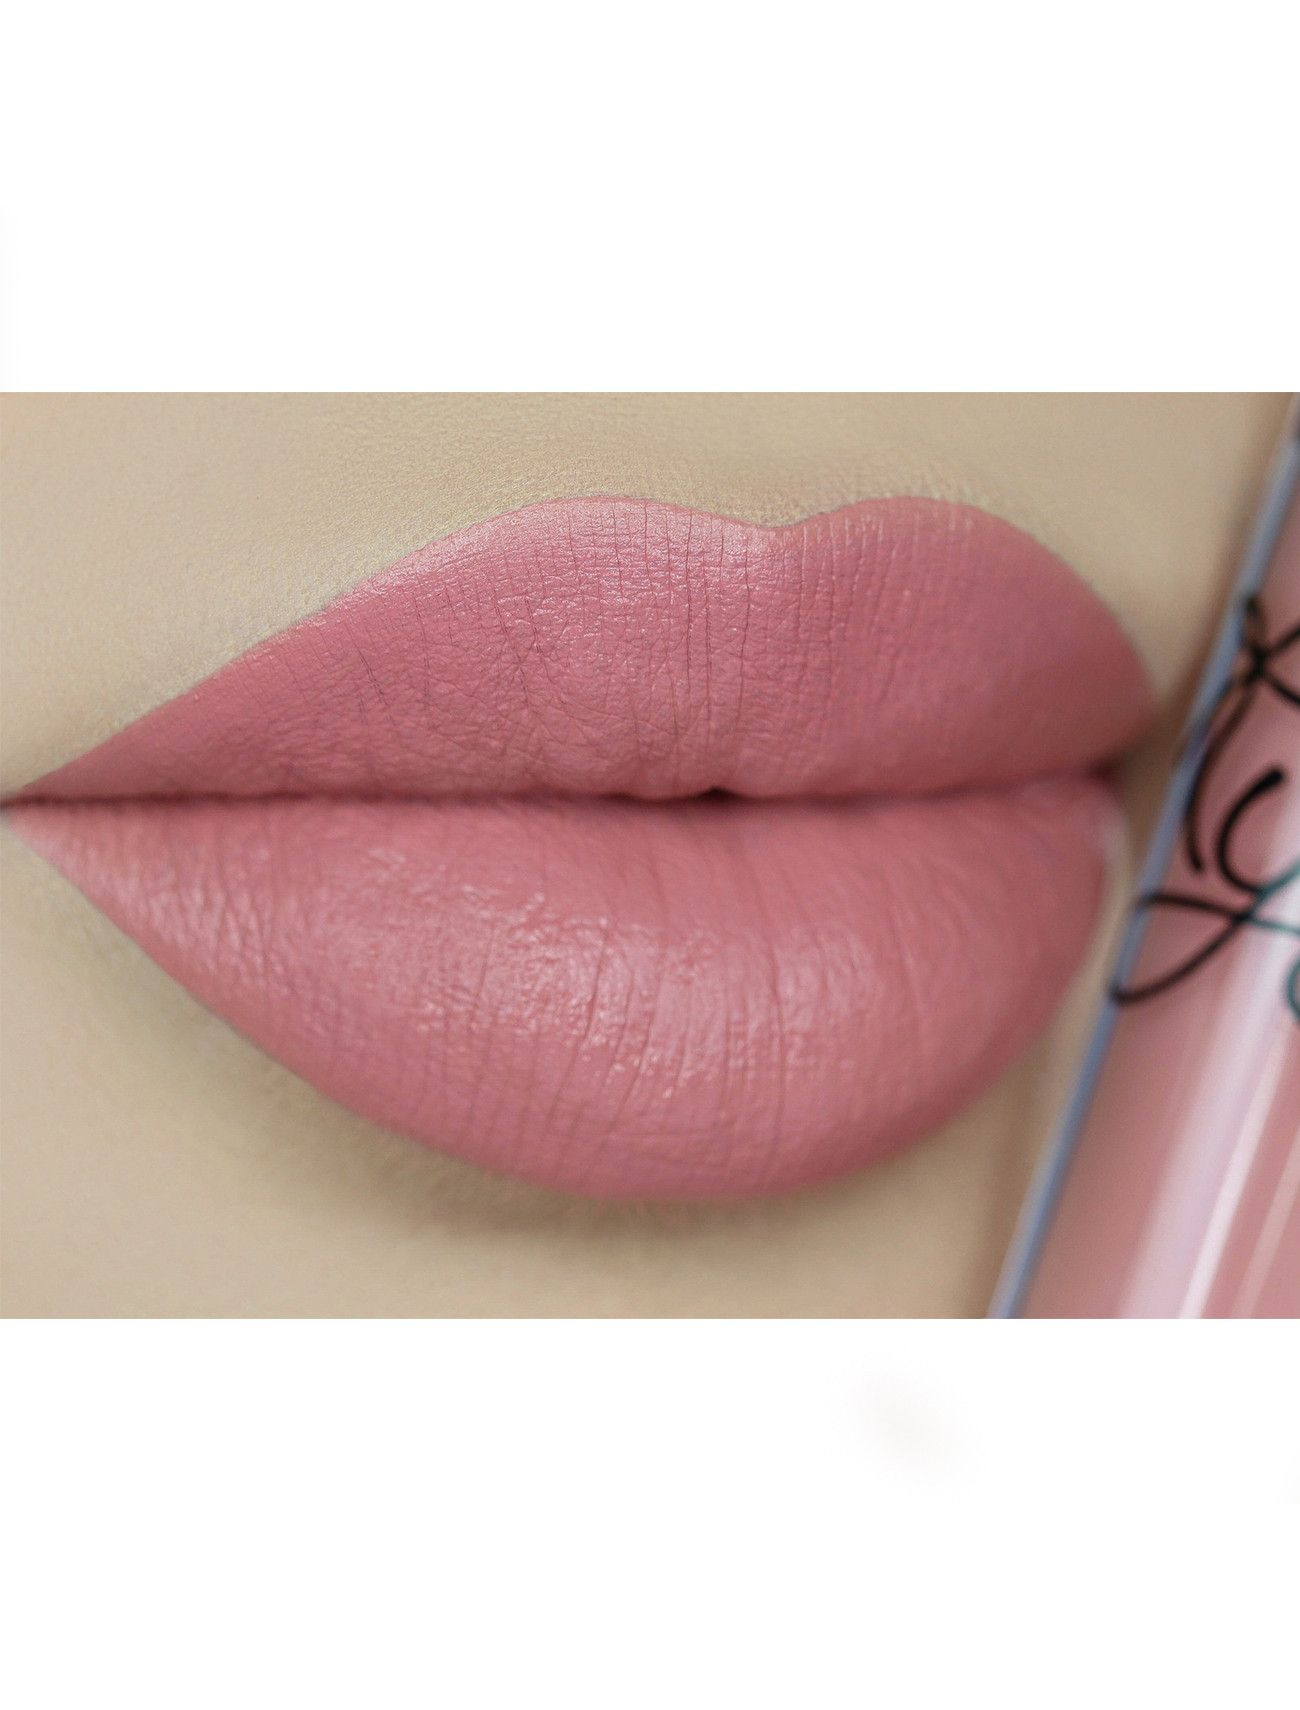 Charm Velvet Lip Kit + Hot And Bothered